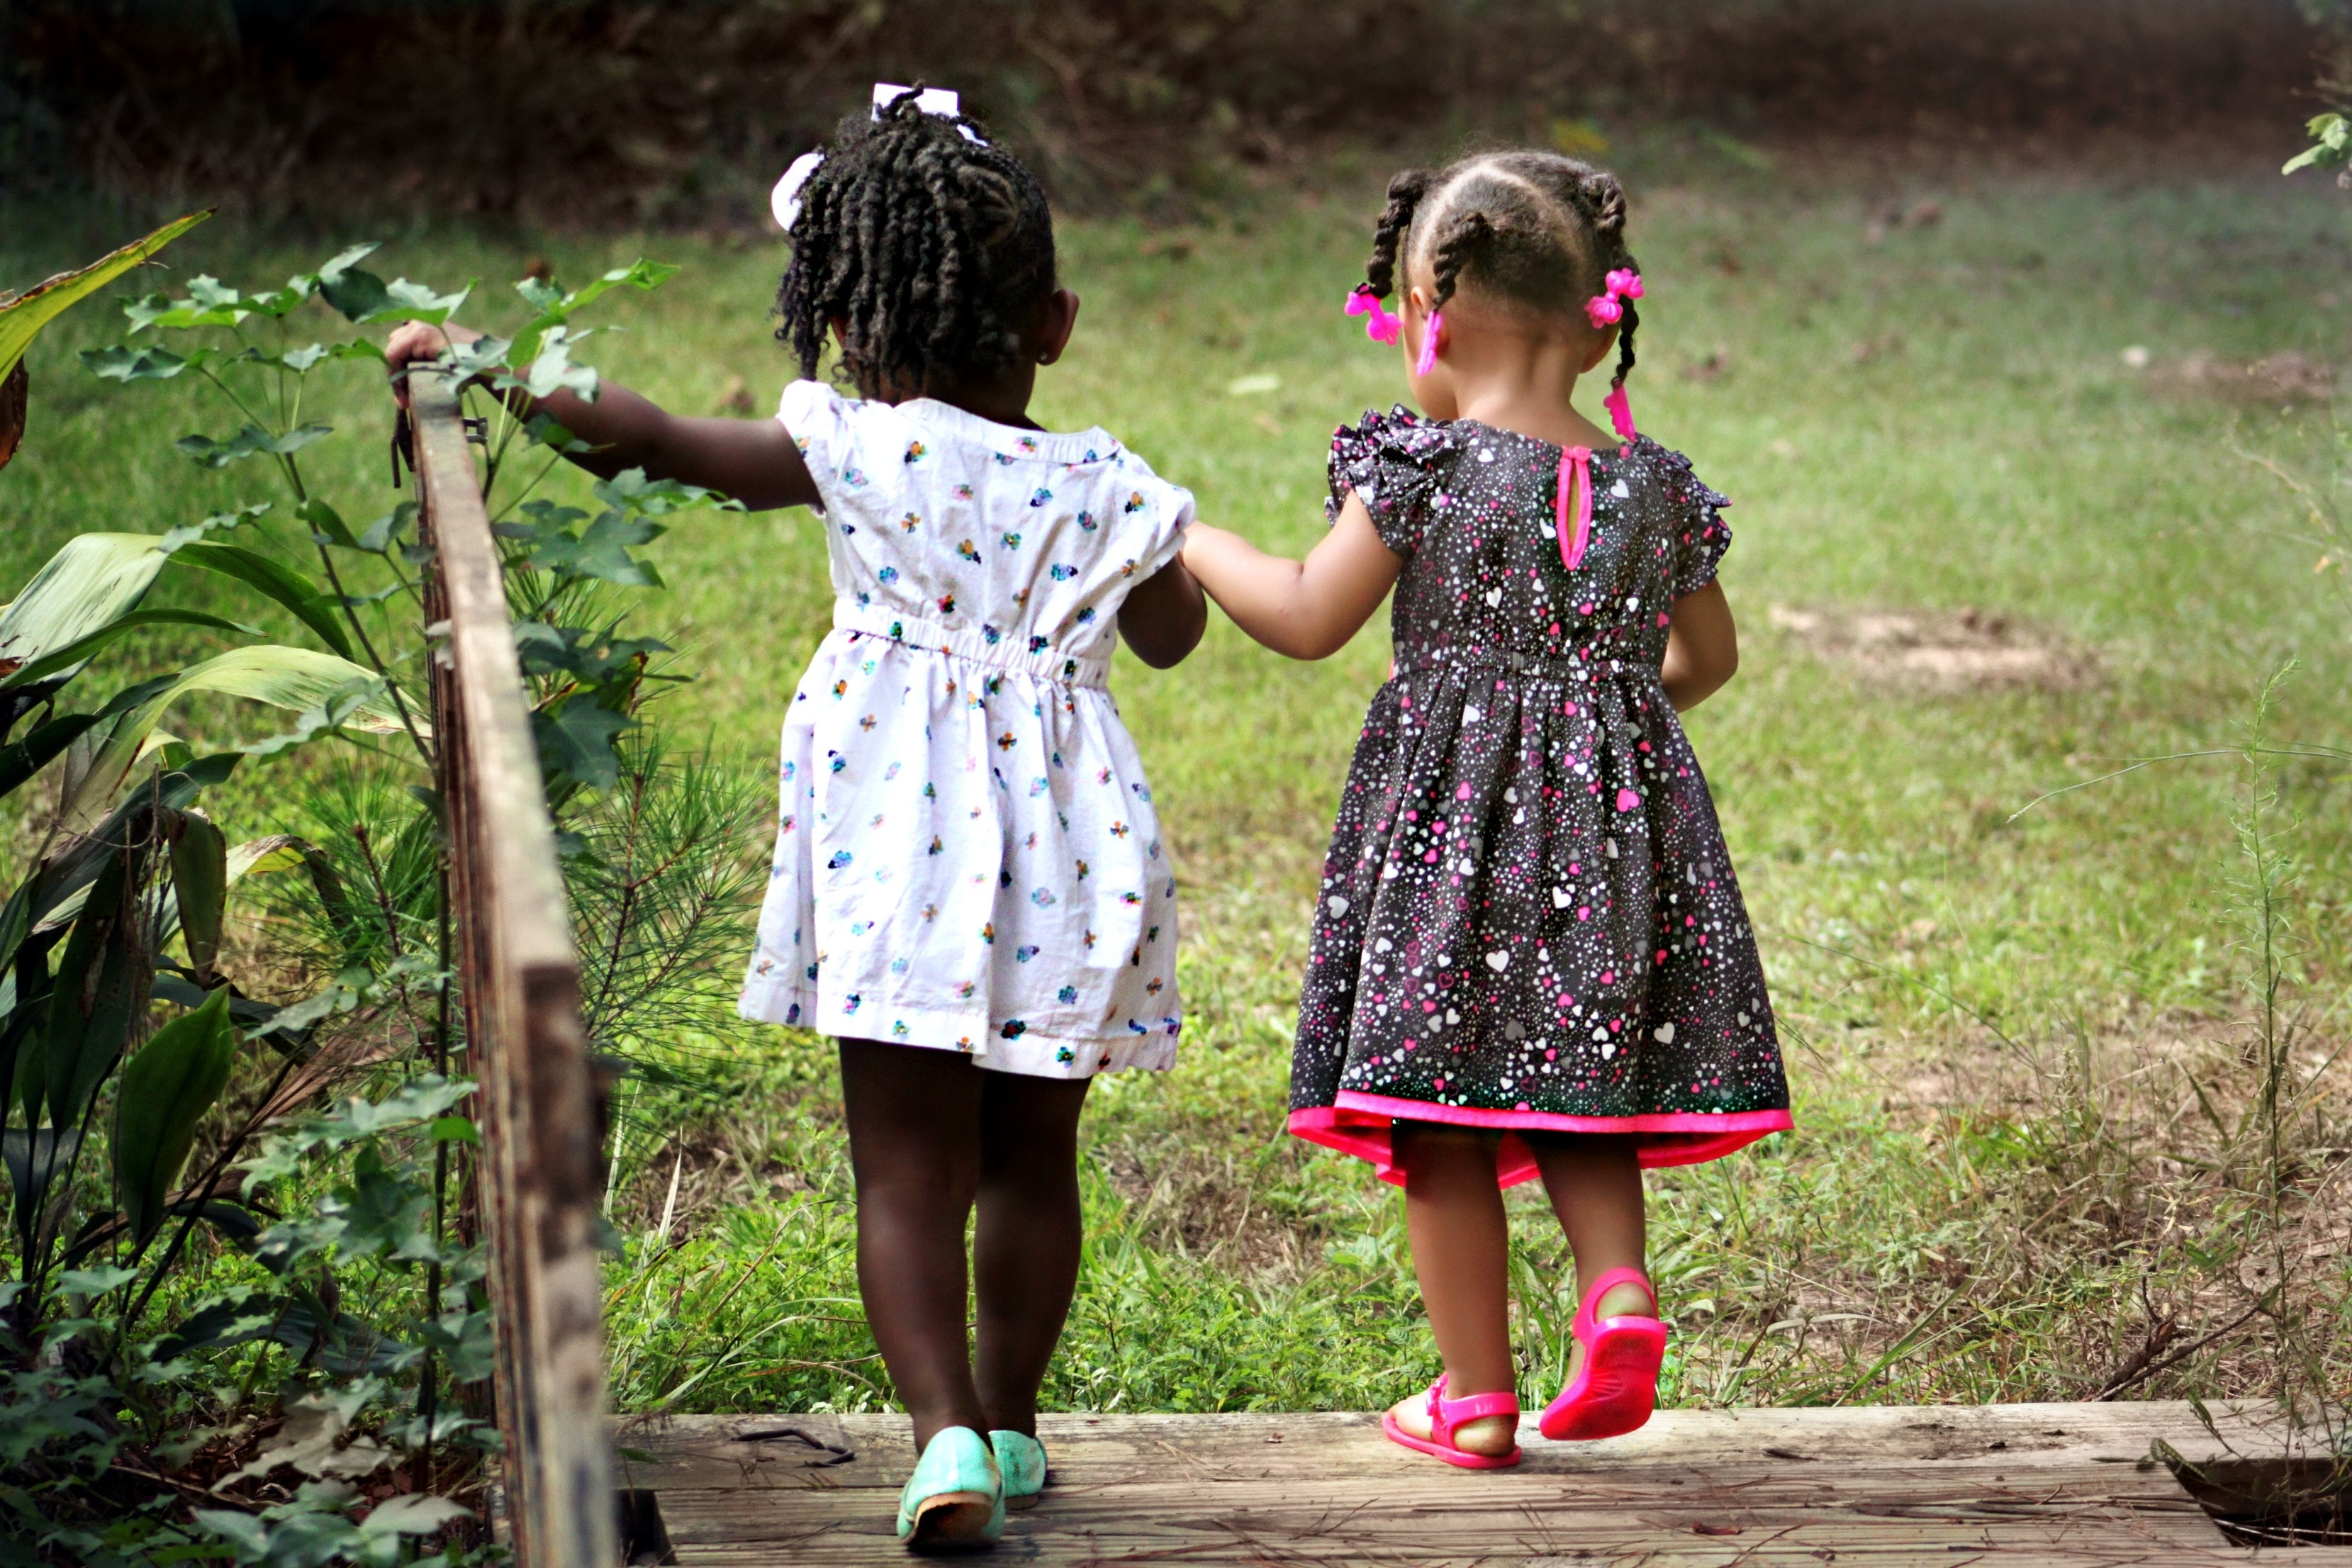 Os miúdos e as férias: vamos lá parar com isso da superproteção